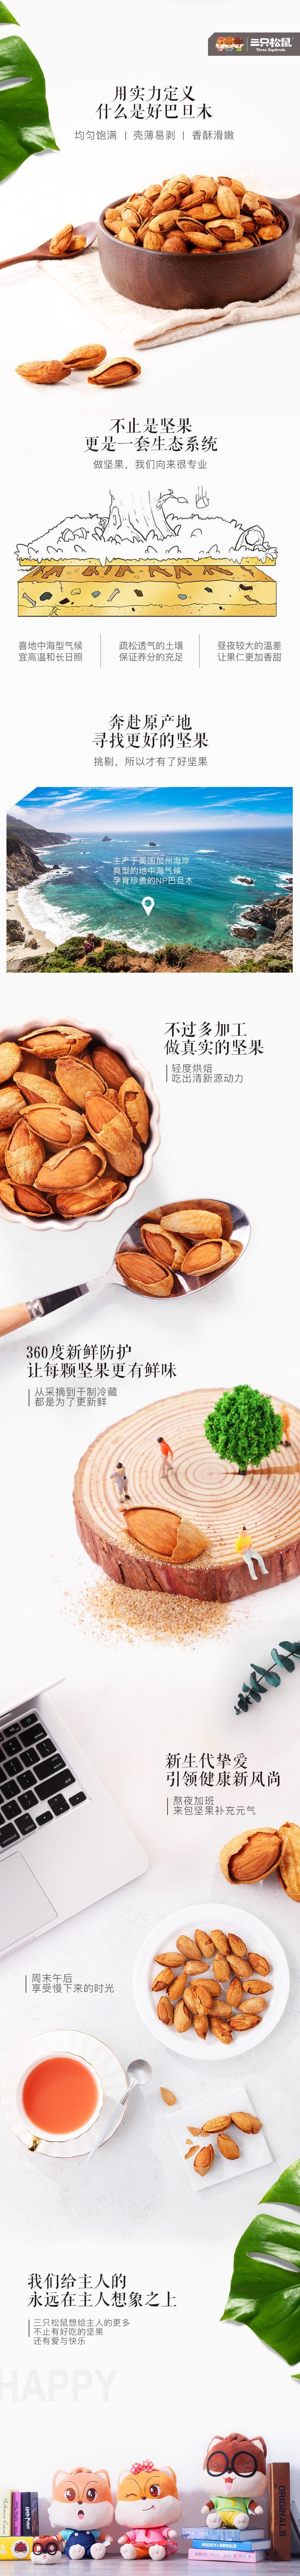 三只松鼠  手剥巴旦木235g零食坚果炒货特产杏仁巴达木扁桃仁